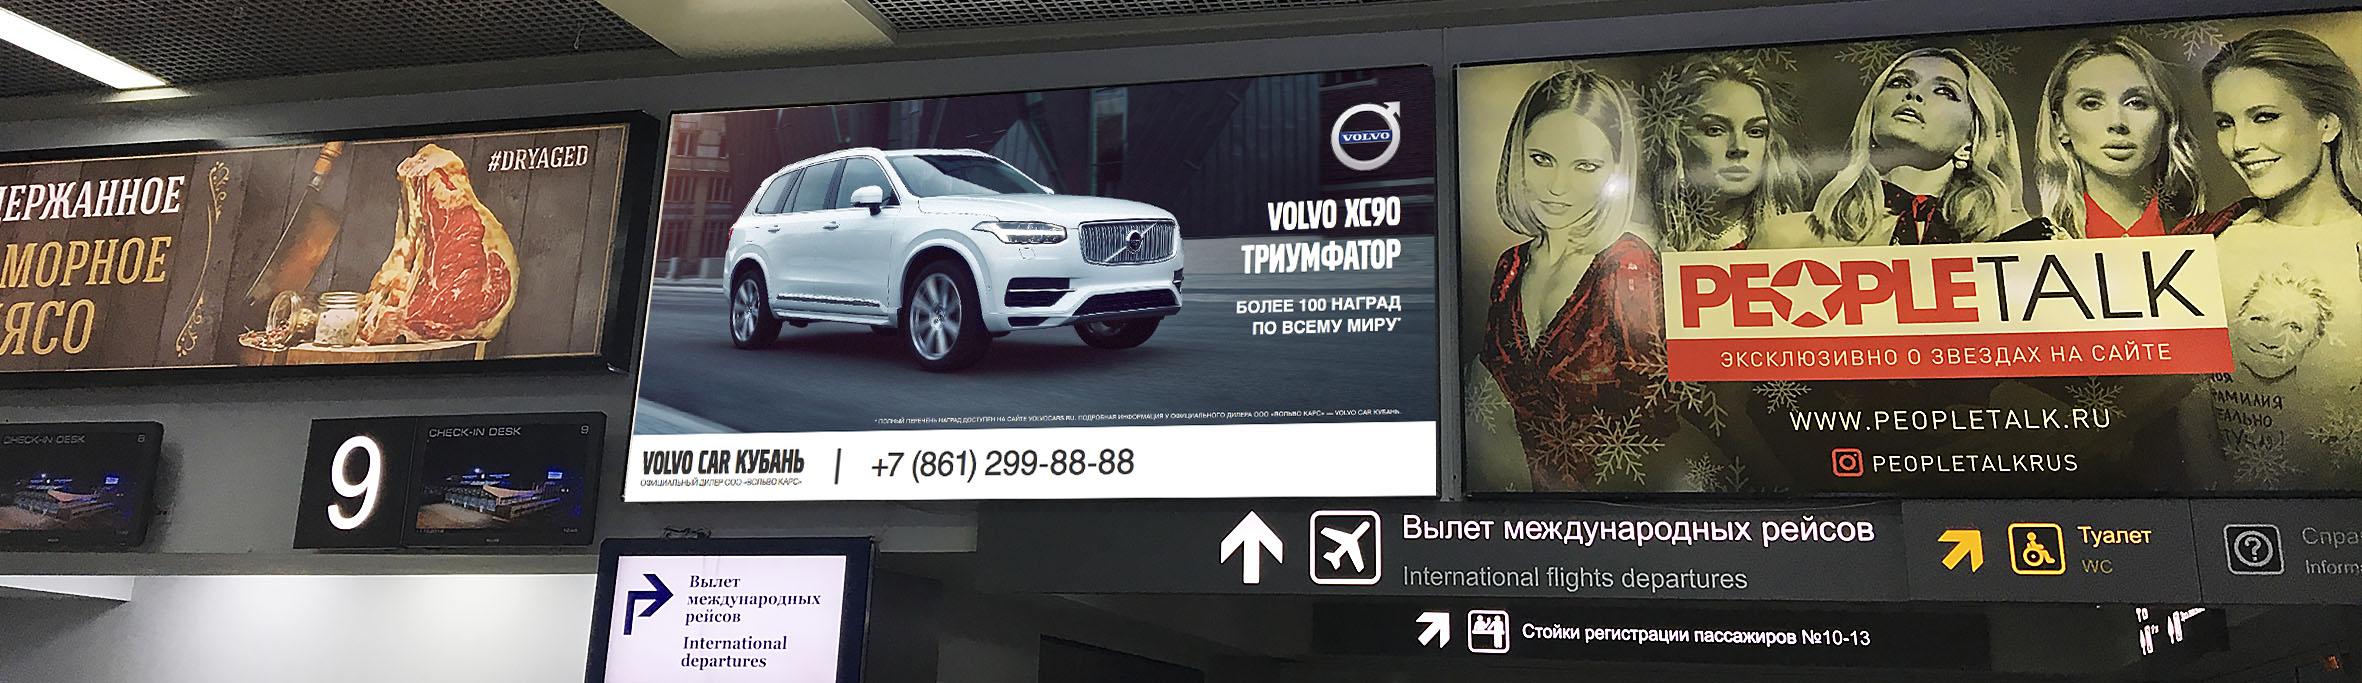 Рекламные услуги аэровокзал